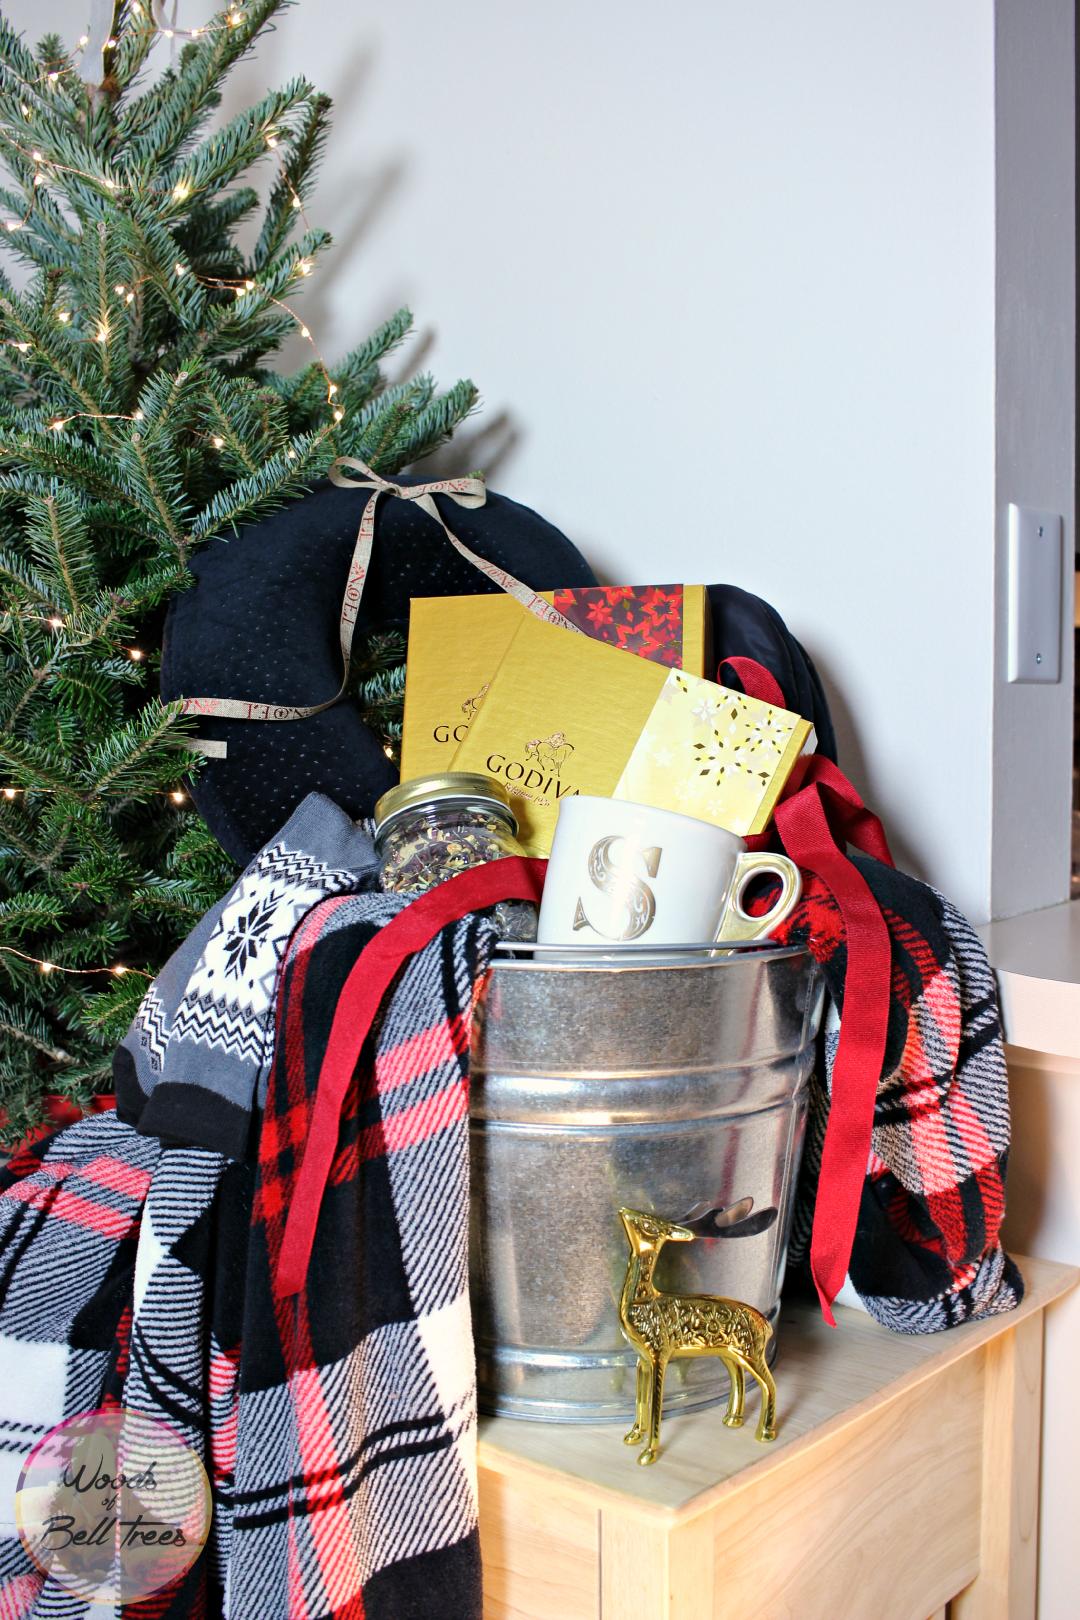 gift-giving-christmas-godiva-basket-reading-men-women-guide-holiday ...